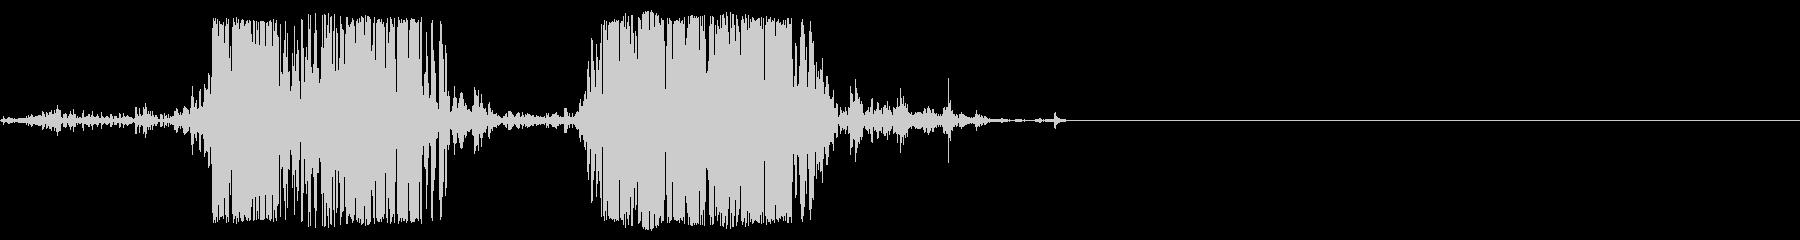 ロットワイラー犬の悪質な樹皮x 2...の未再生の波形